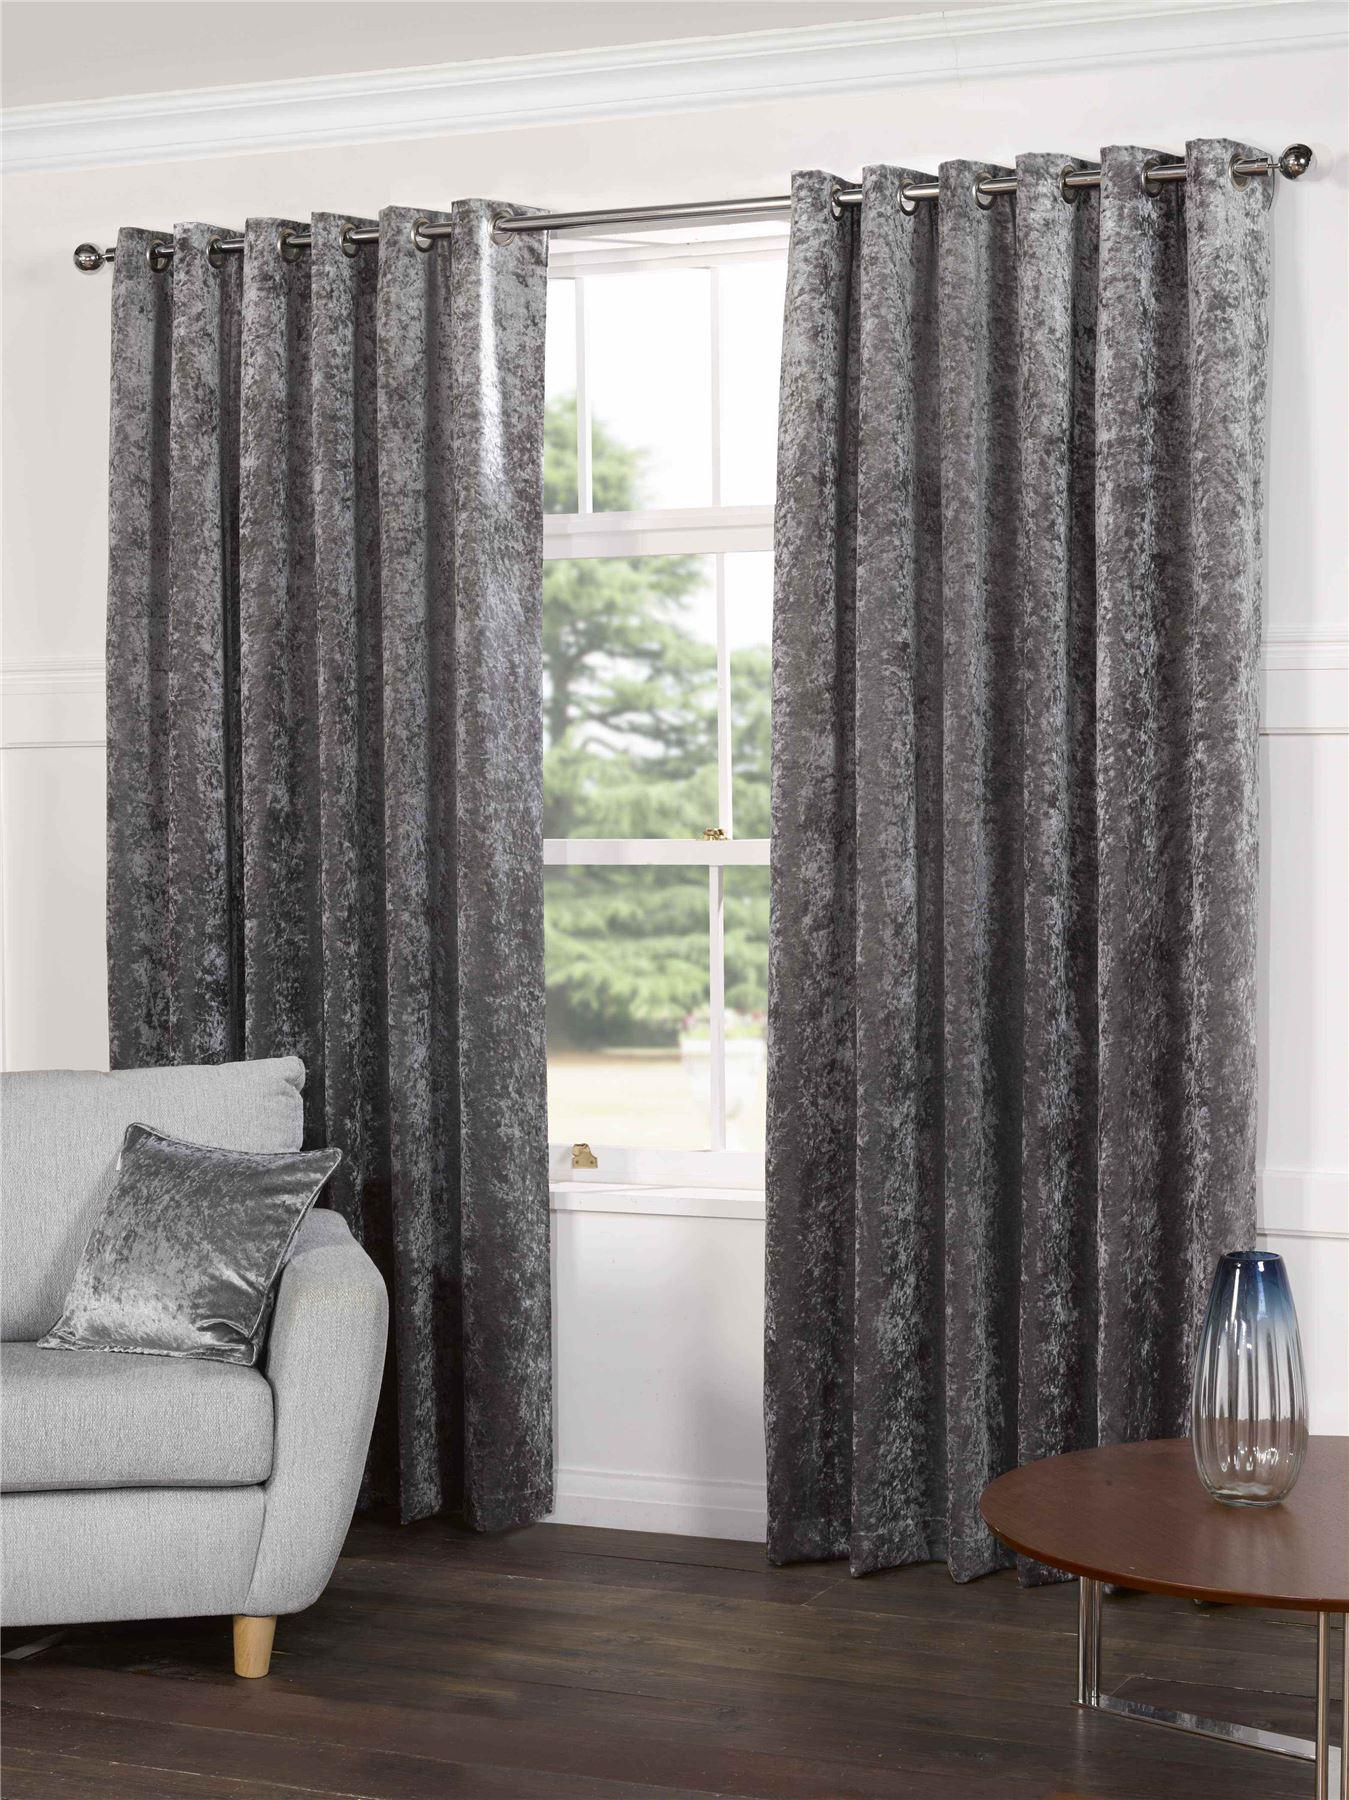 acier gris argent doubl velours anneaux oeillet rideaux rideaux gj 9 tailles ebay. Black Bedroom Furniture Sets. Home Design Ideas